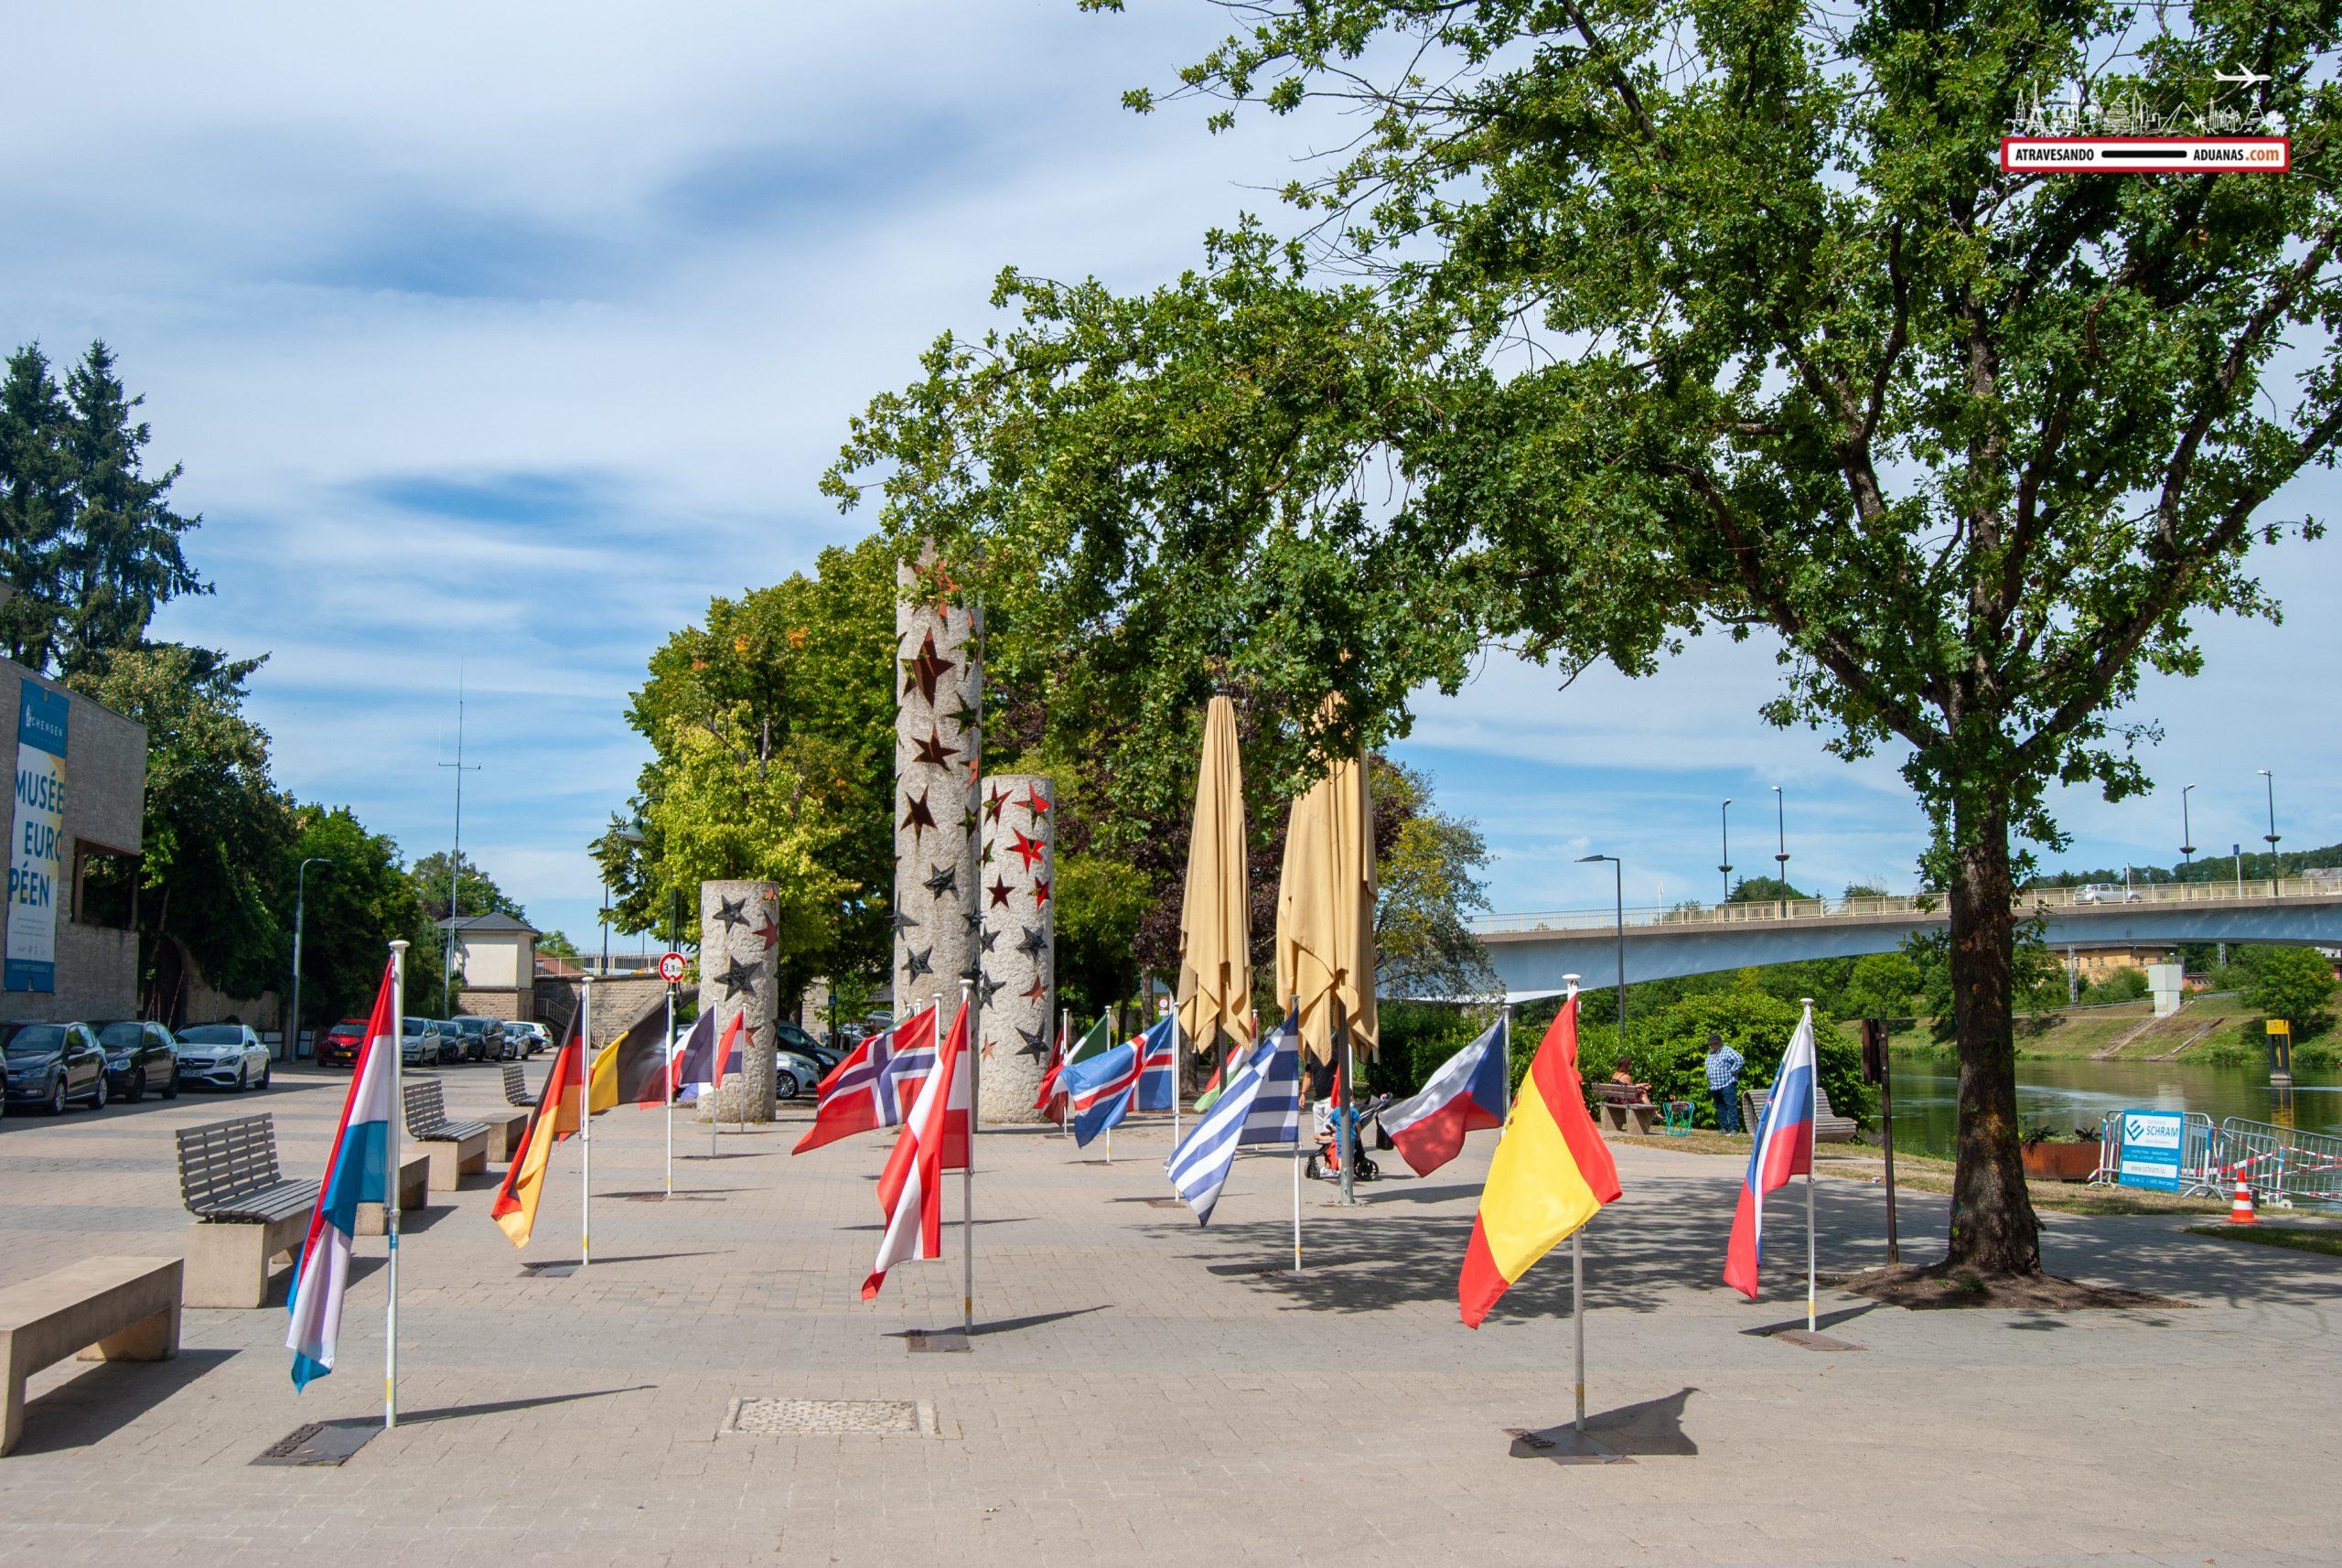 Banderas en el exterior del Museo Europeo de Schengen